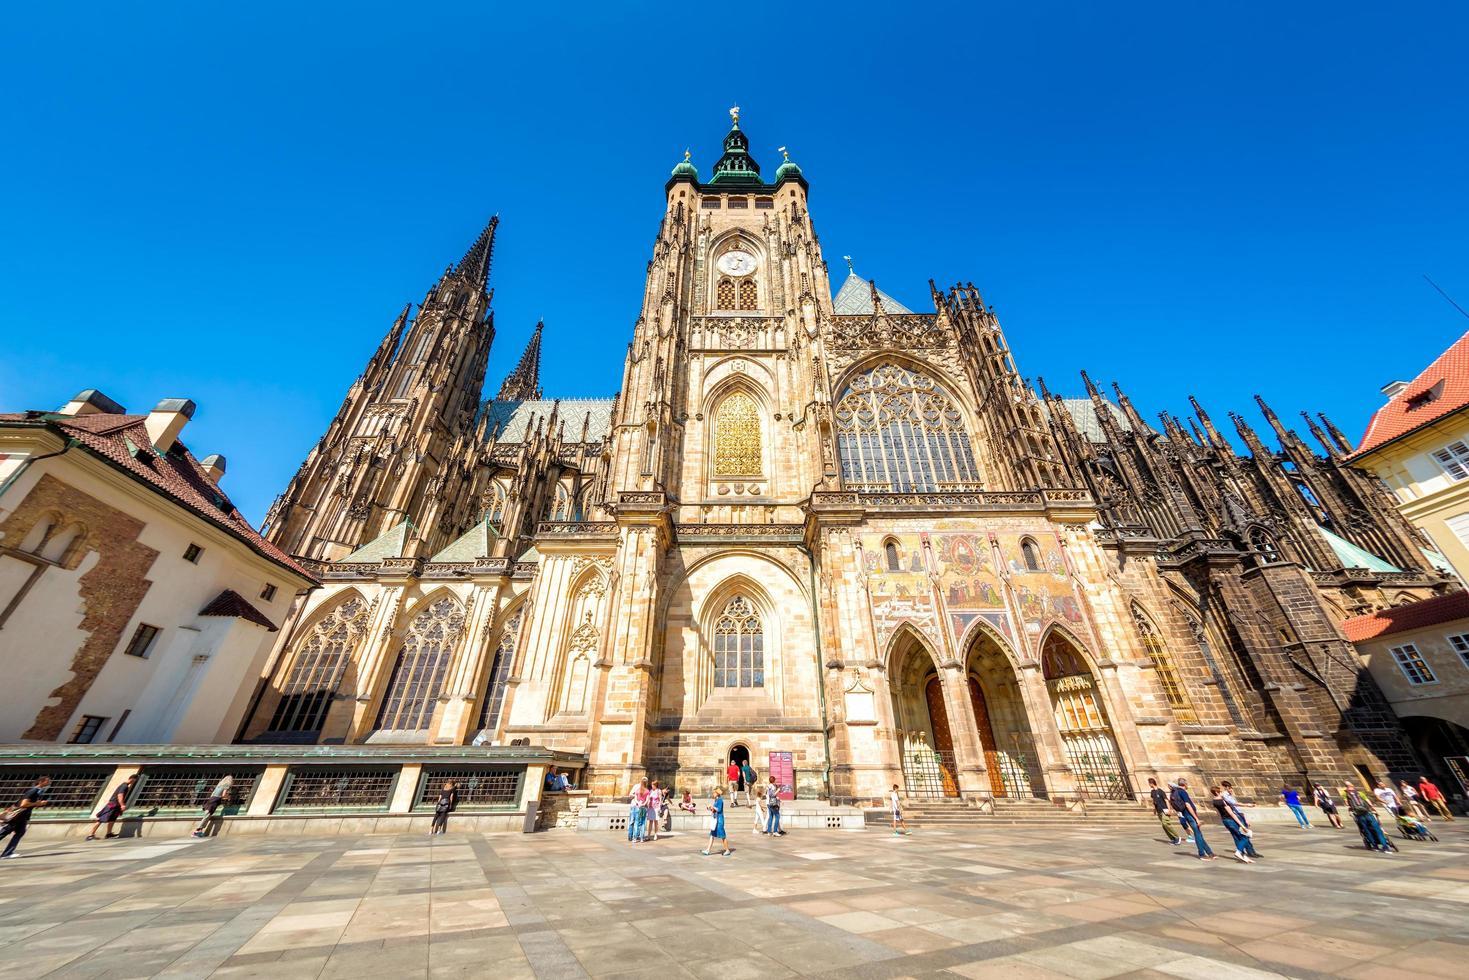 Prag, Tjeckien 2016 - människor framför katedralen Saint Vitus foto